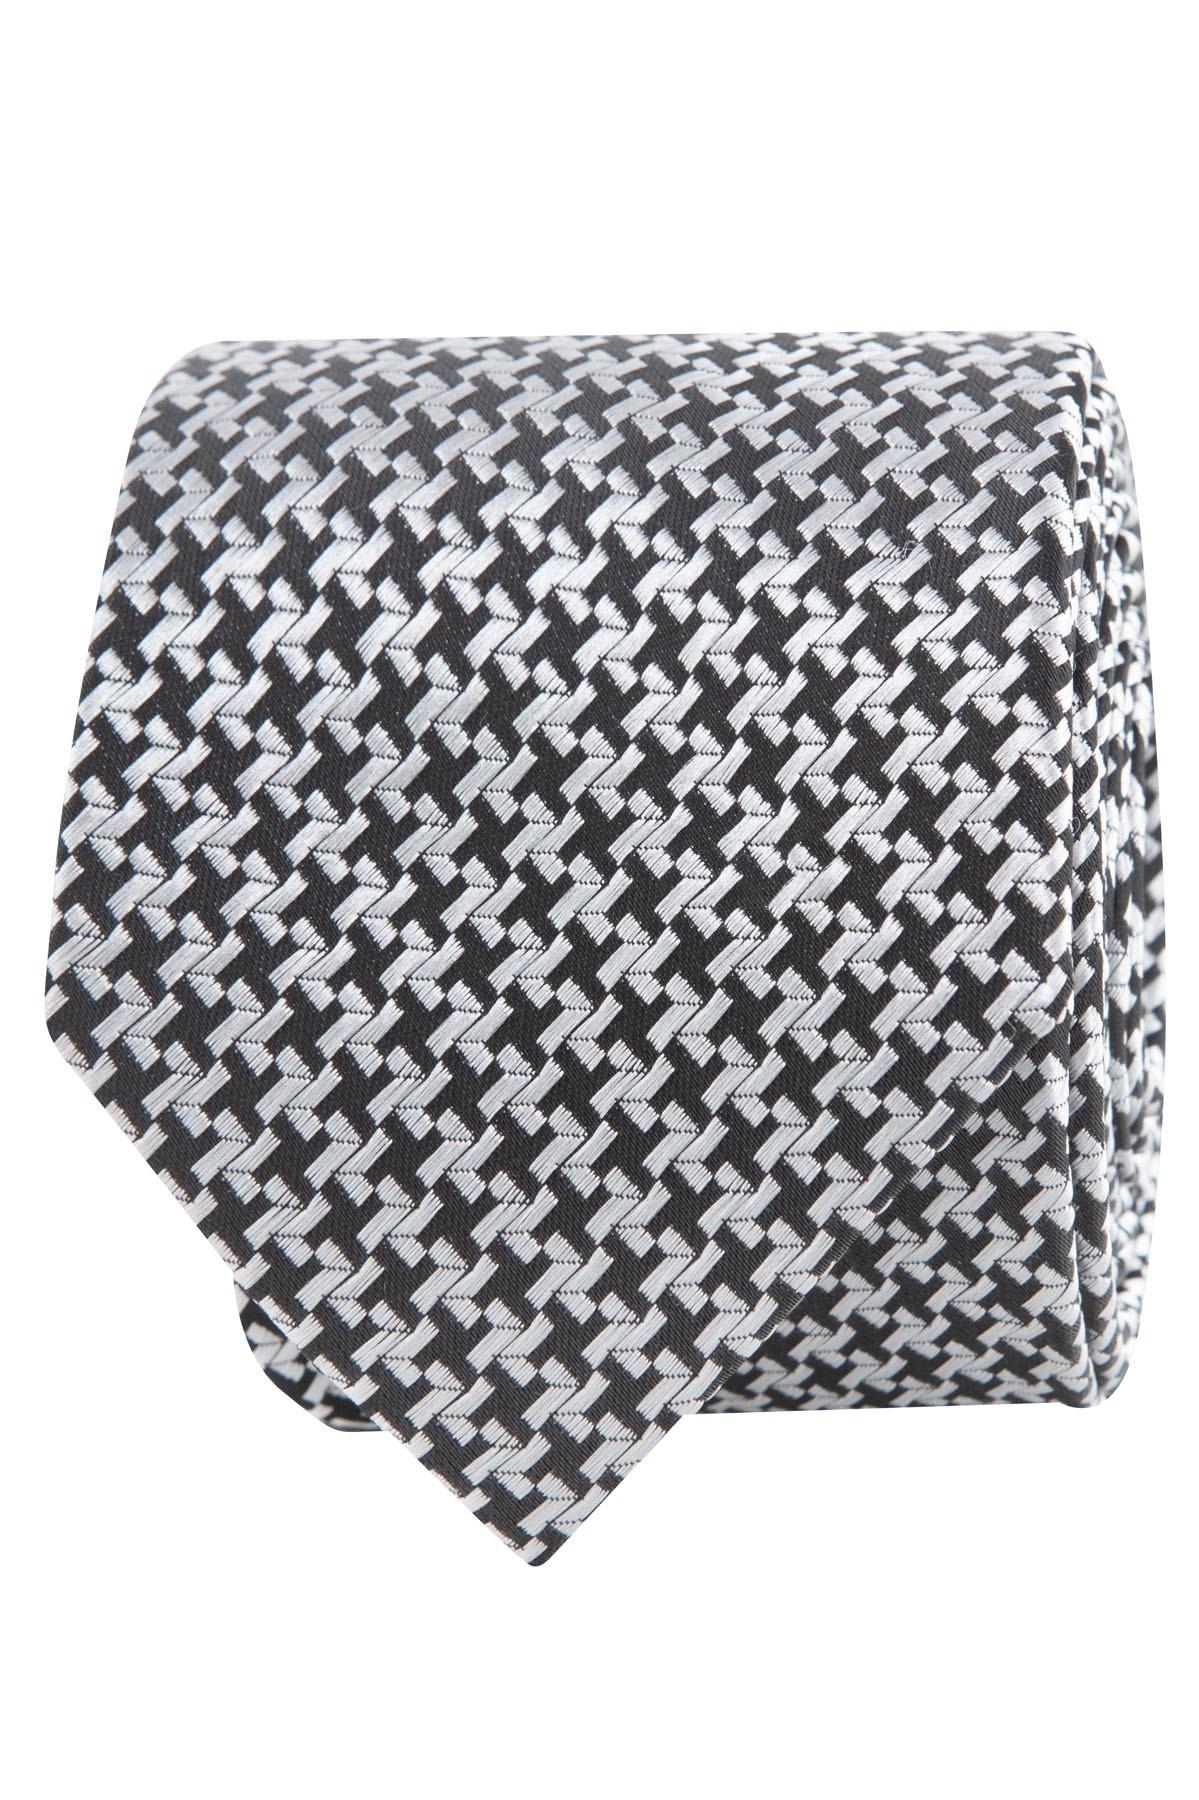 krawat męski biało-czarny wzór